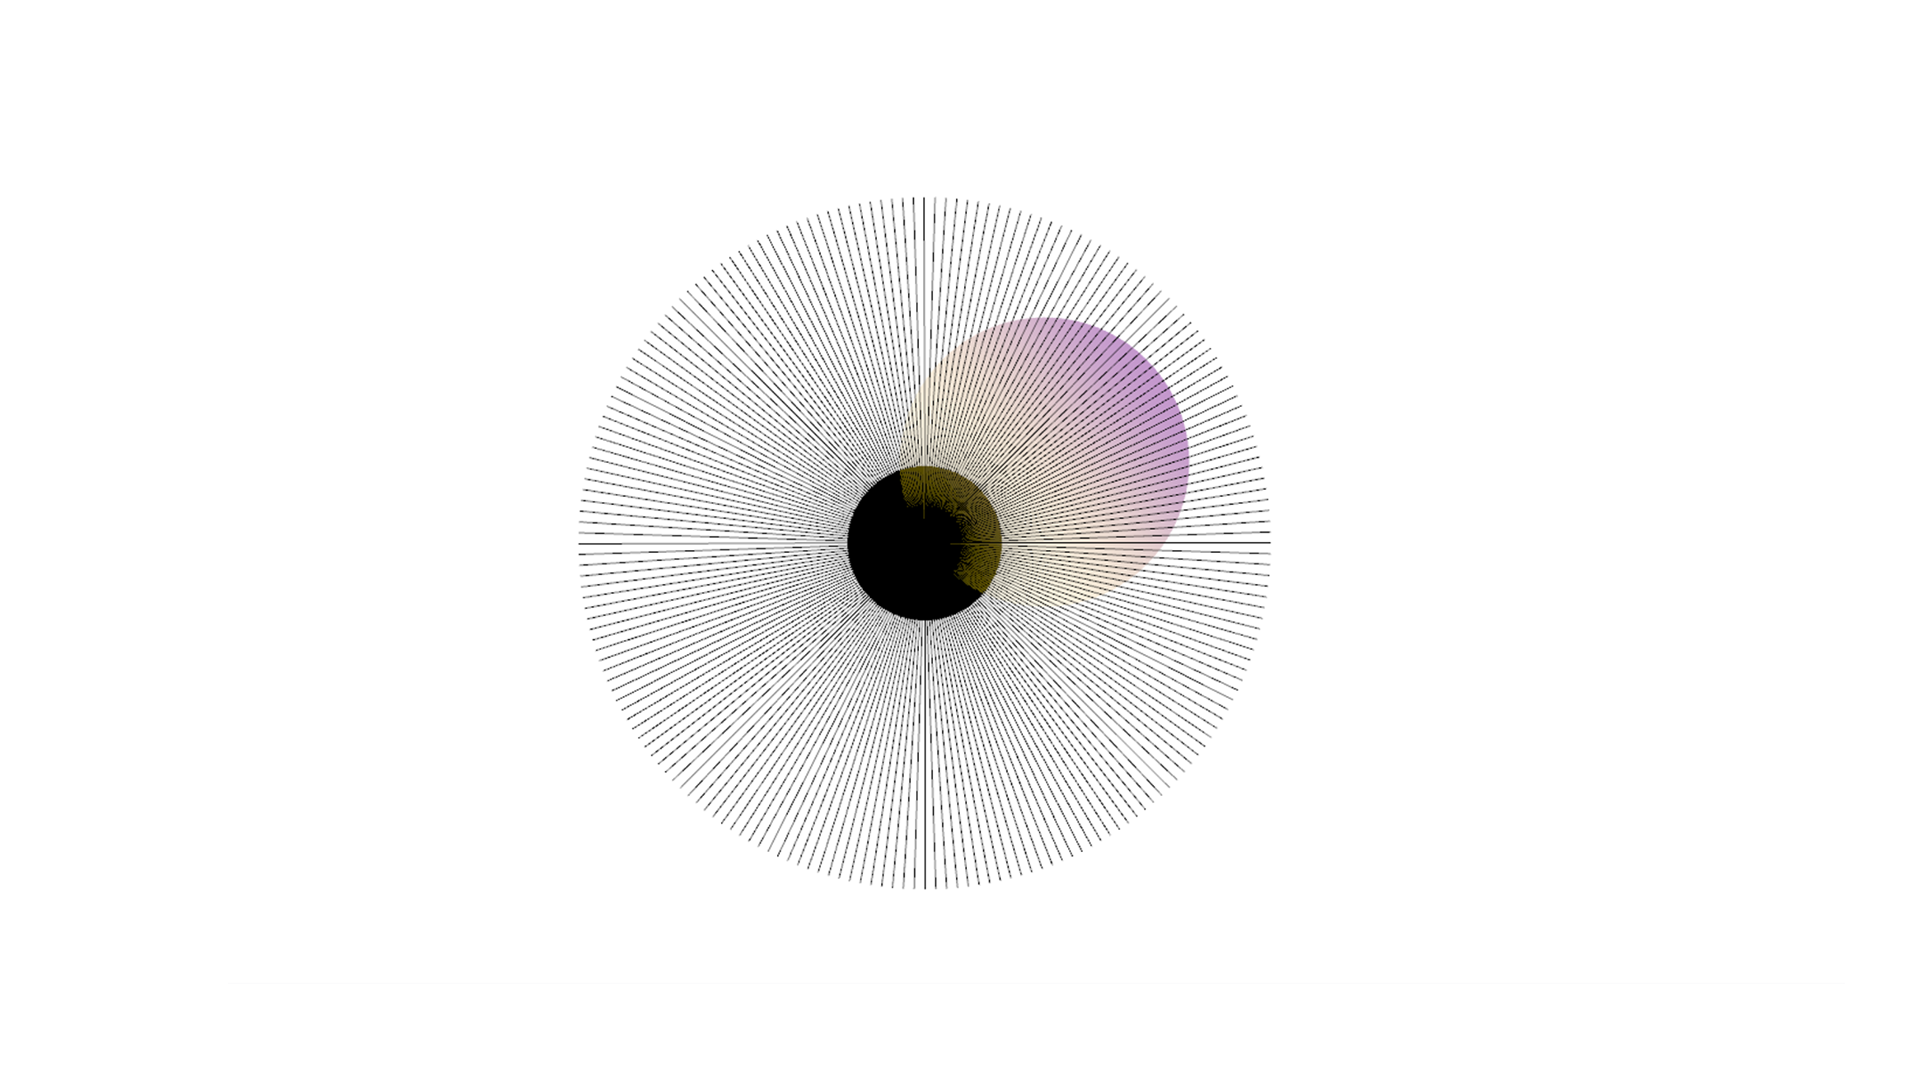 色グラデーションと透明度